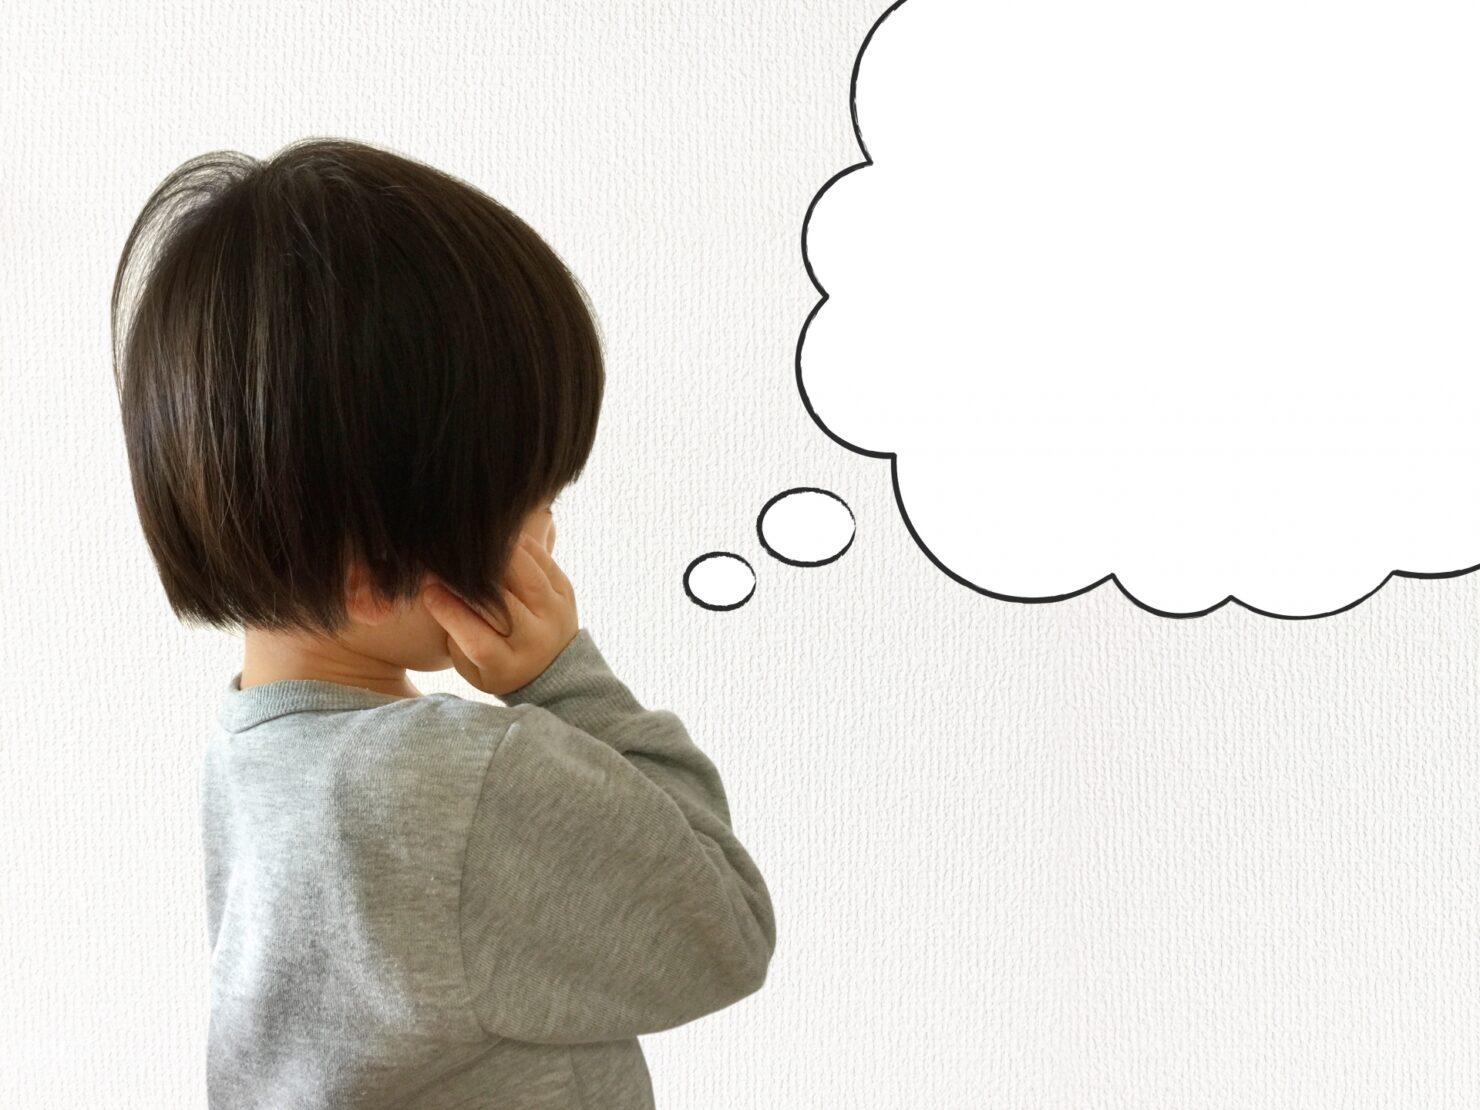 吃音は何%の子供に発生する? いつから始まる? 自然に治るの? 吃音の治し方や相談先、治療方法を知りたい!